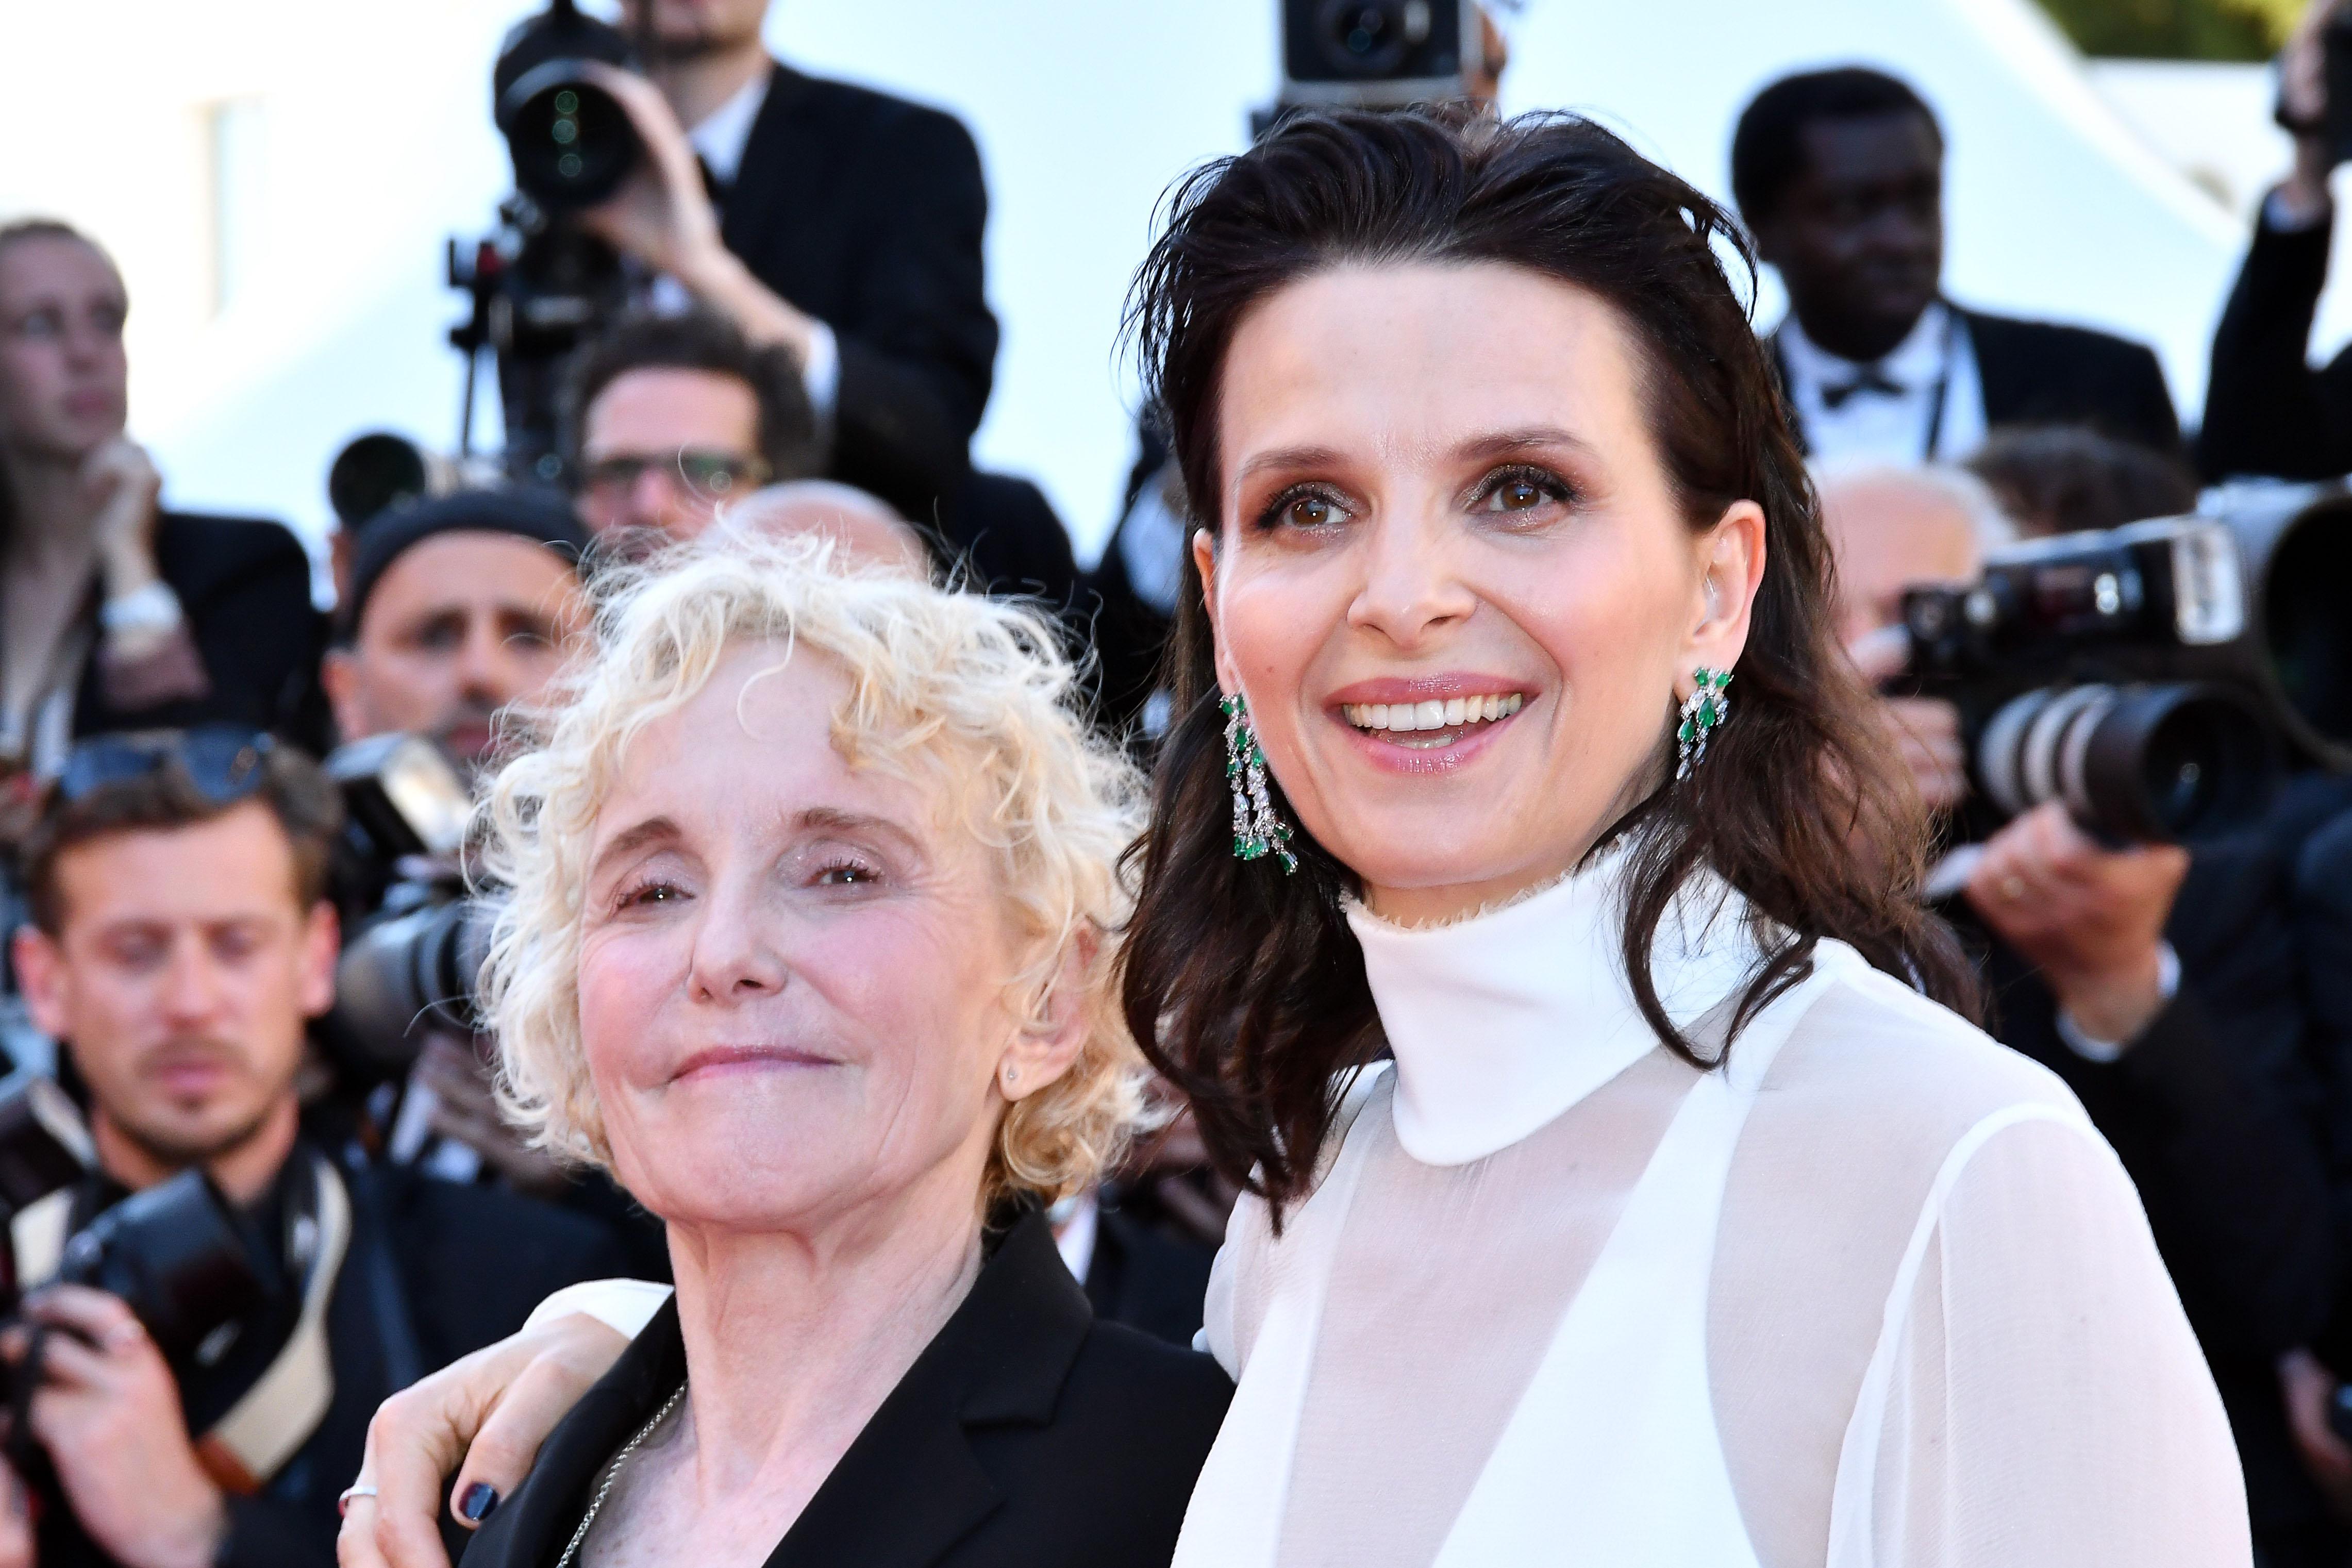 Juliette Binoche to Serve as Jury President of 2019 Berlin Film Festival